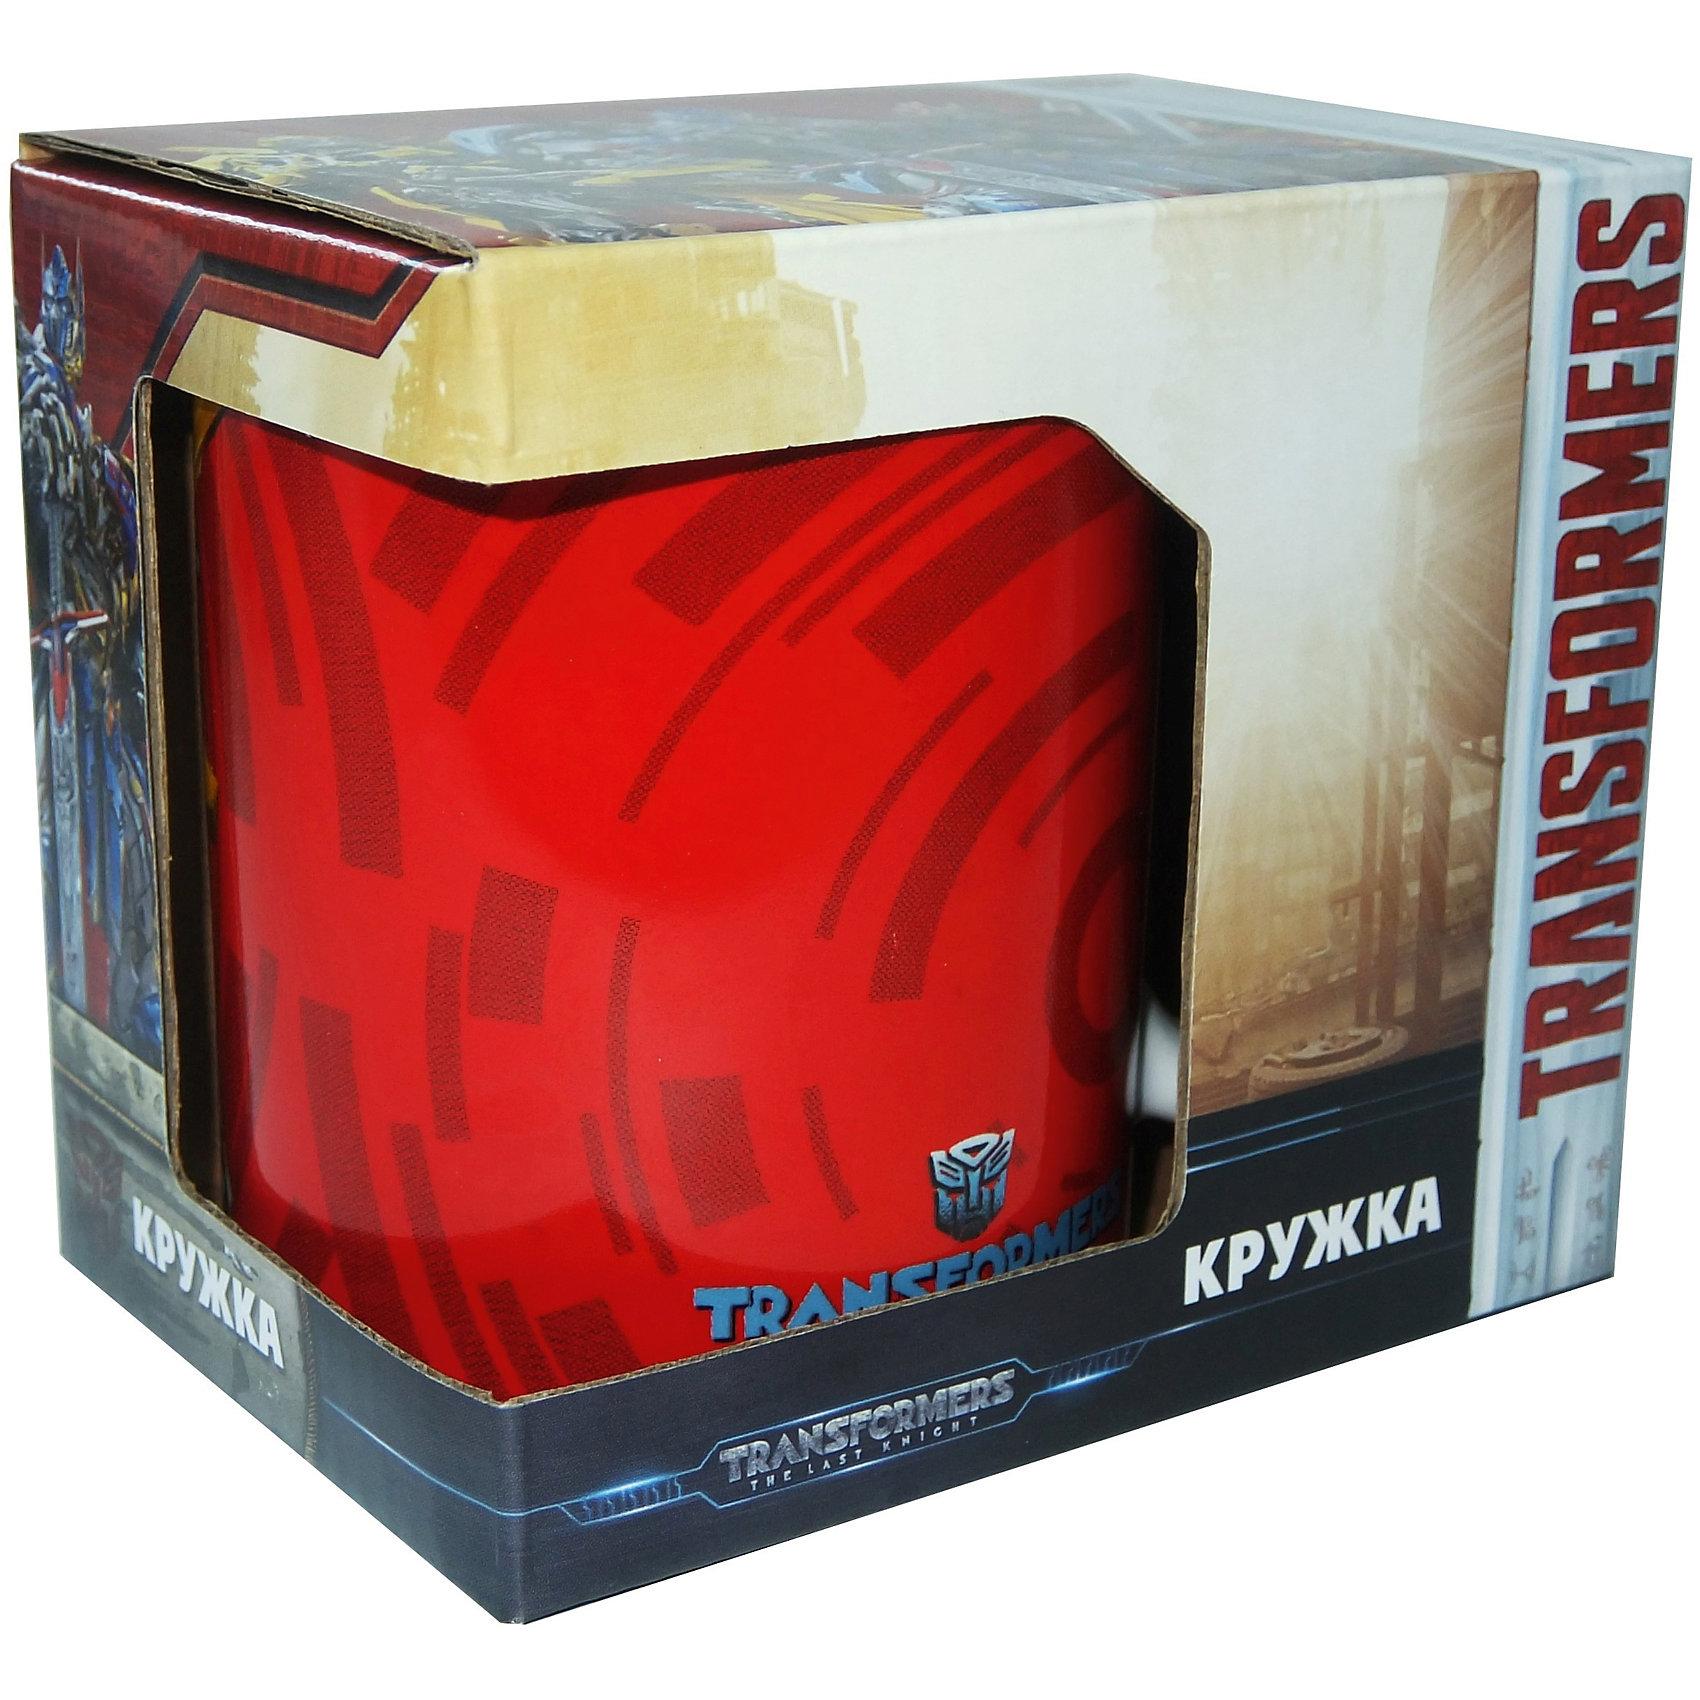 Кружка Transformers Роботы под прикрытием. Team up в подарочной упаковке, 350 мл.Посуда<br>Характеристики:<br><br>• Материал: керамика<br>• Тематика рисунка: Трансформеры<br>• Можно использовать для горячих и холодных напитков<br>• Упаковка: подарочная картонная коробка<br>• Объем: 350 мл<br>• Вес: 360 г<br>• Размеры (Д*Ш*В): 12*8,2*9,5 см<br>• Особенности ухода: можно мыть в посудомоечной машине<br><br>Кружка Transformers Роботы под прикрытием. Team up в подарочной упаковке, 350 мл выполнена в стильном дизайне: на синий корпус нанесено изображение героев популярного мультсериала Трансформеры. Изображение детально отражает облик экранного прототипа, устойчиво к появлению царапин, не выцветает при частом мытье. <br><br>Кружку Transformers Роботы под прикрытием. Team up в подарочной упаковке, 350 мл можно купить в нашем интернет-магазине.<br><br>Ширина мм: 120<br>Глубина мм: 82<br>Высота мм: 95<br>Вес г: 360<br>Возраст от месяцев: 36<br>Возраст до месяцев: 1188<br>Пол: Мужской<br>Возраст: Детский<br>SKU: 6849970